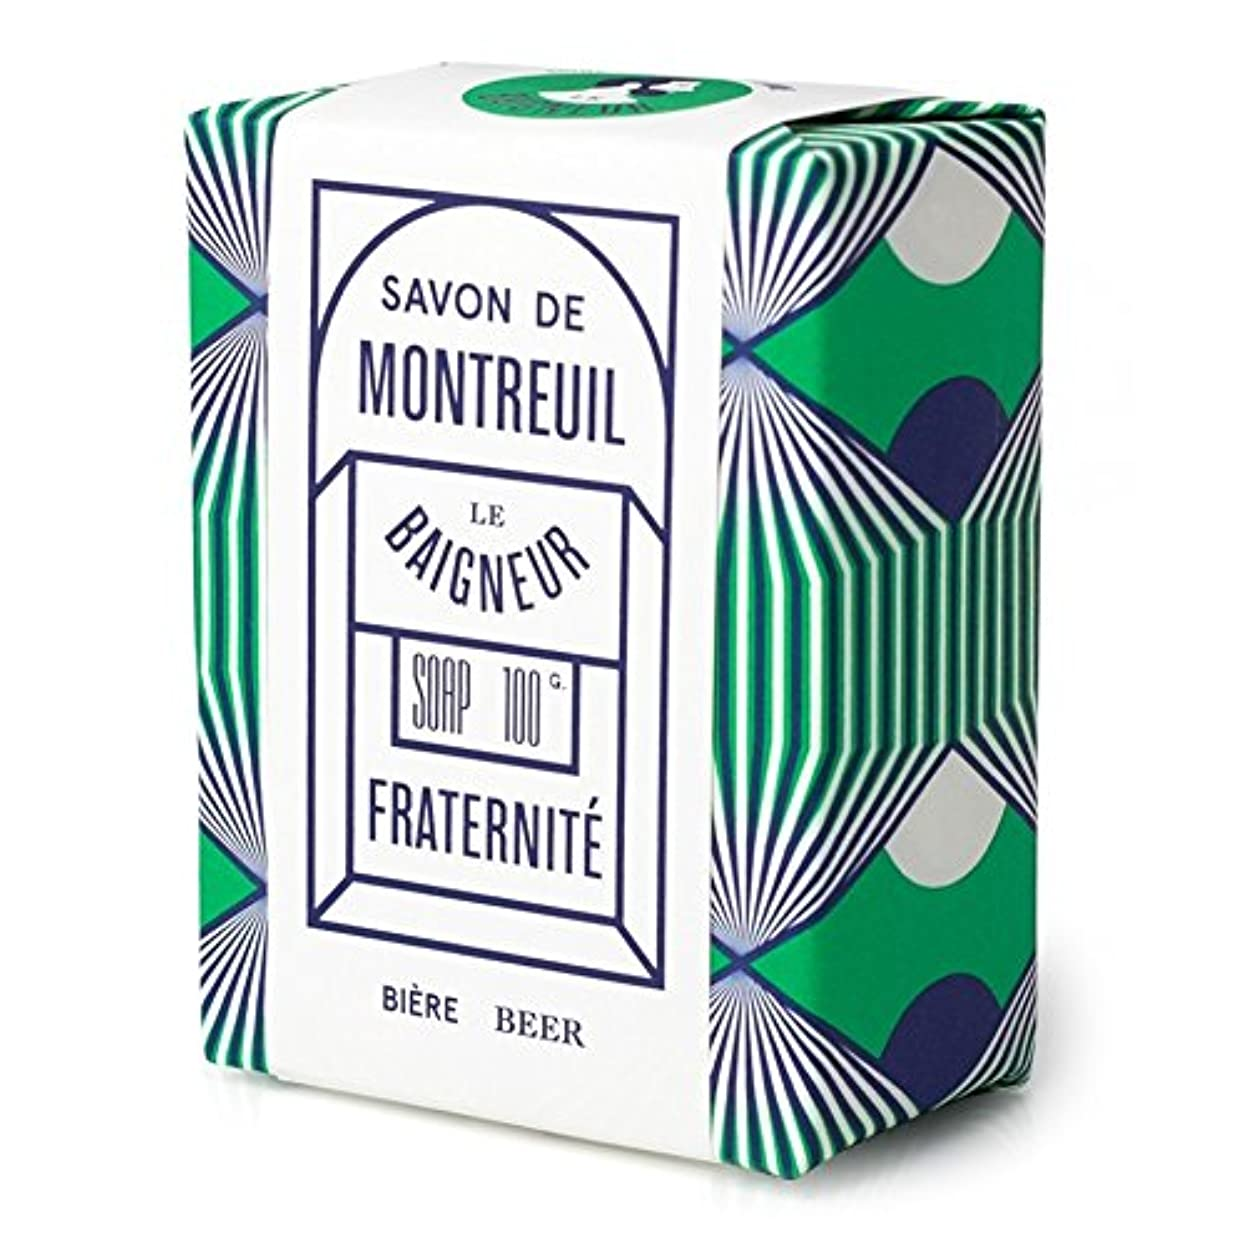 胴体残り物説得ル 石鹸100グラム x2 - Le Baigneur Fraternite Soap 100g (Pack of 2) [並行輸入品]